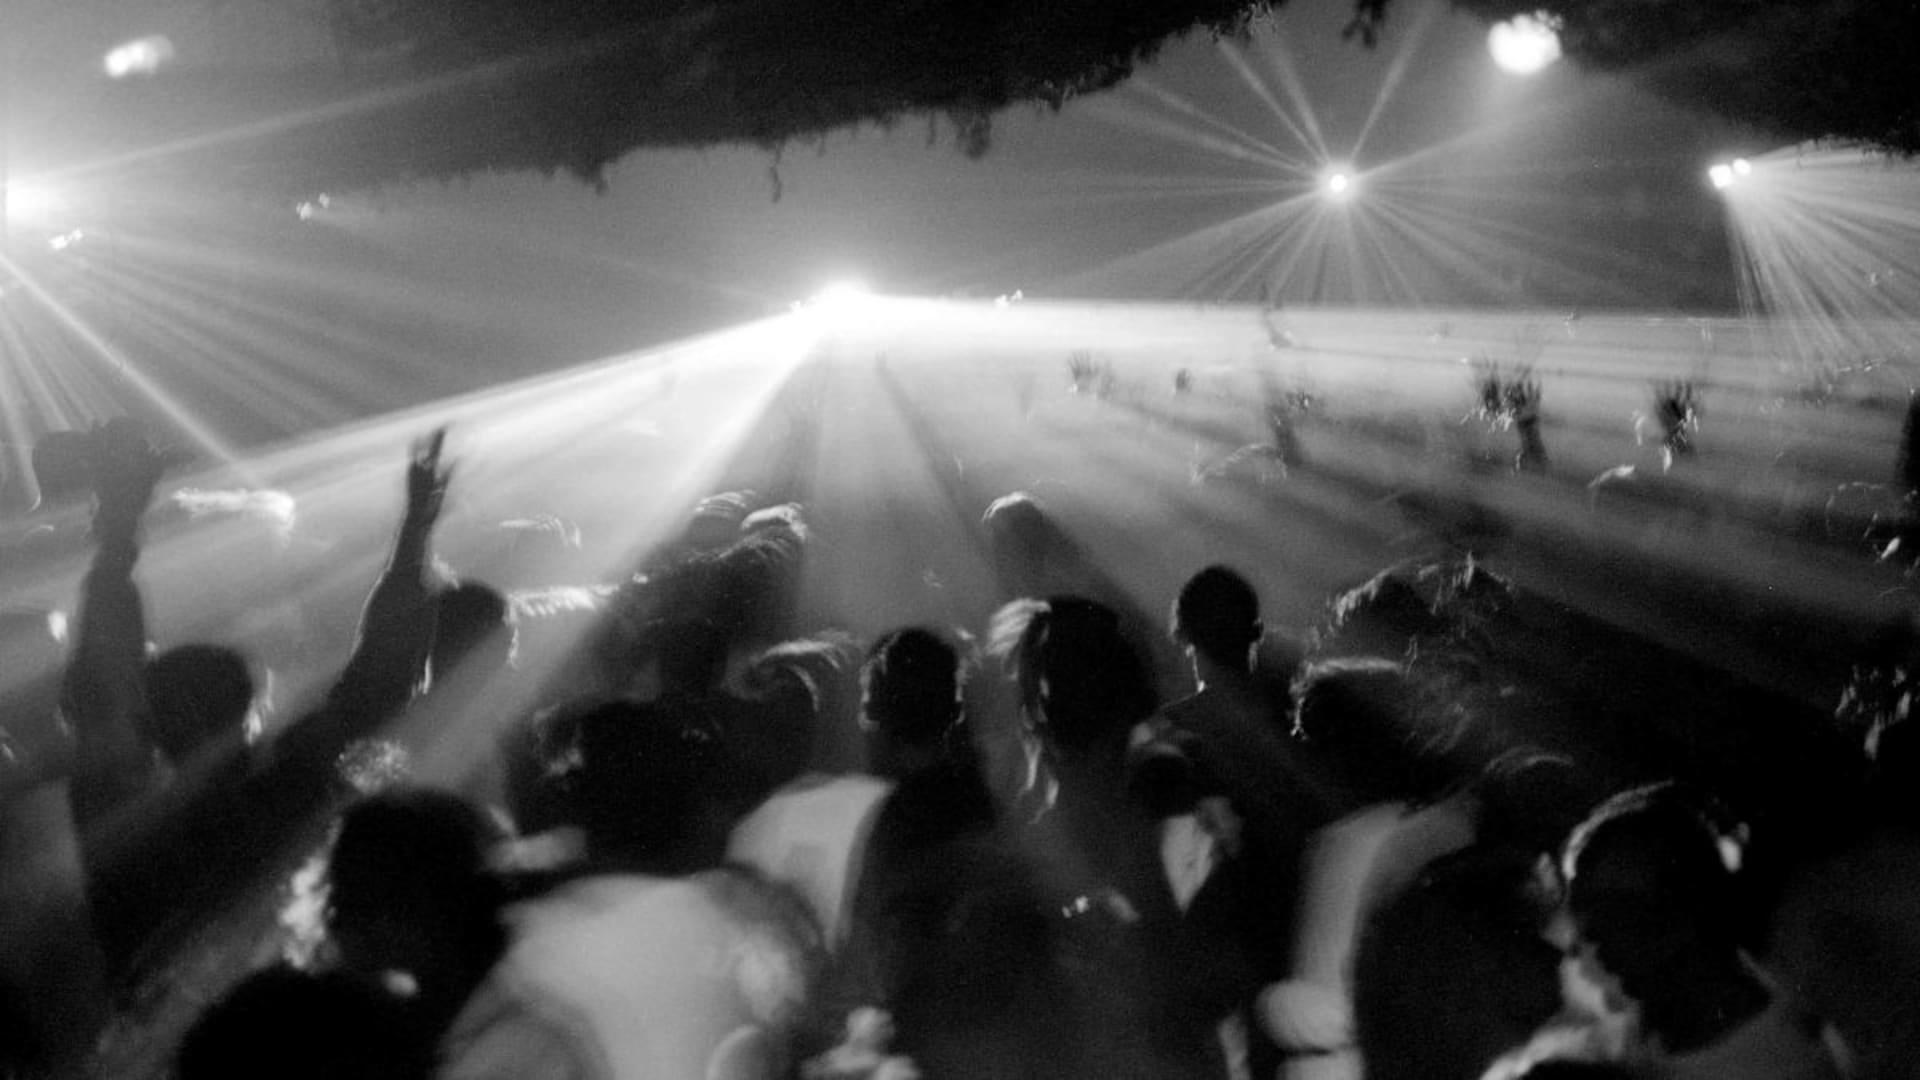 UK rave